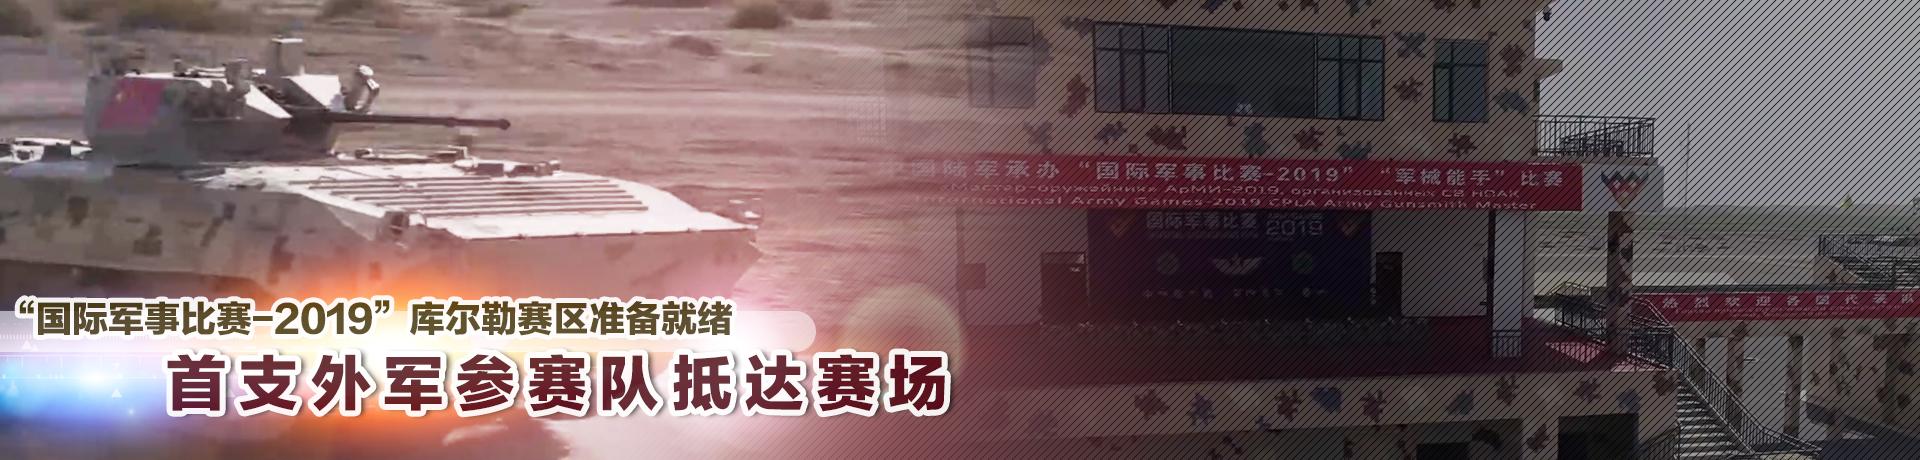 """【""""国际军事比赛-2019""""库尔勒赛区准备就绪】首支外军参赛队抵达赛场"""